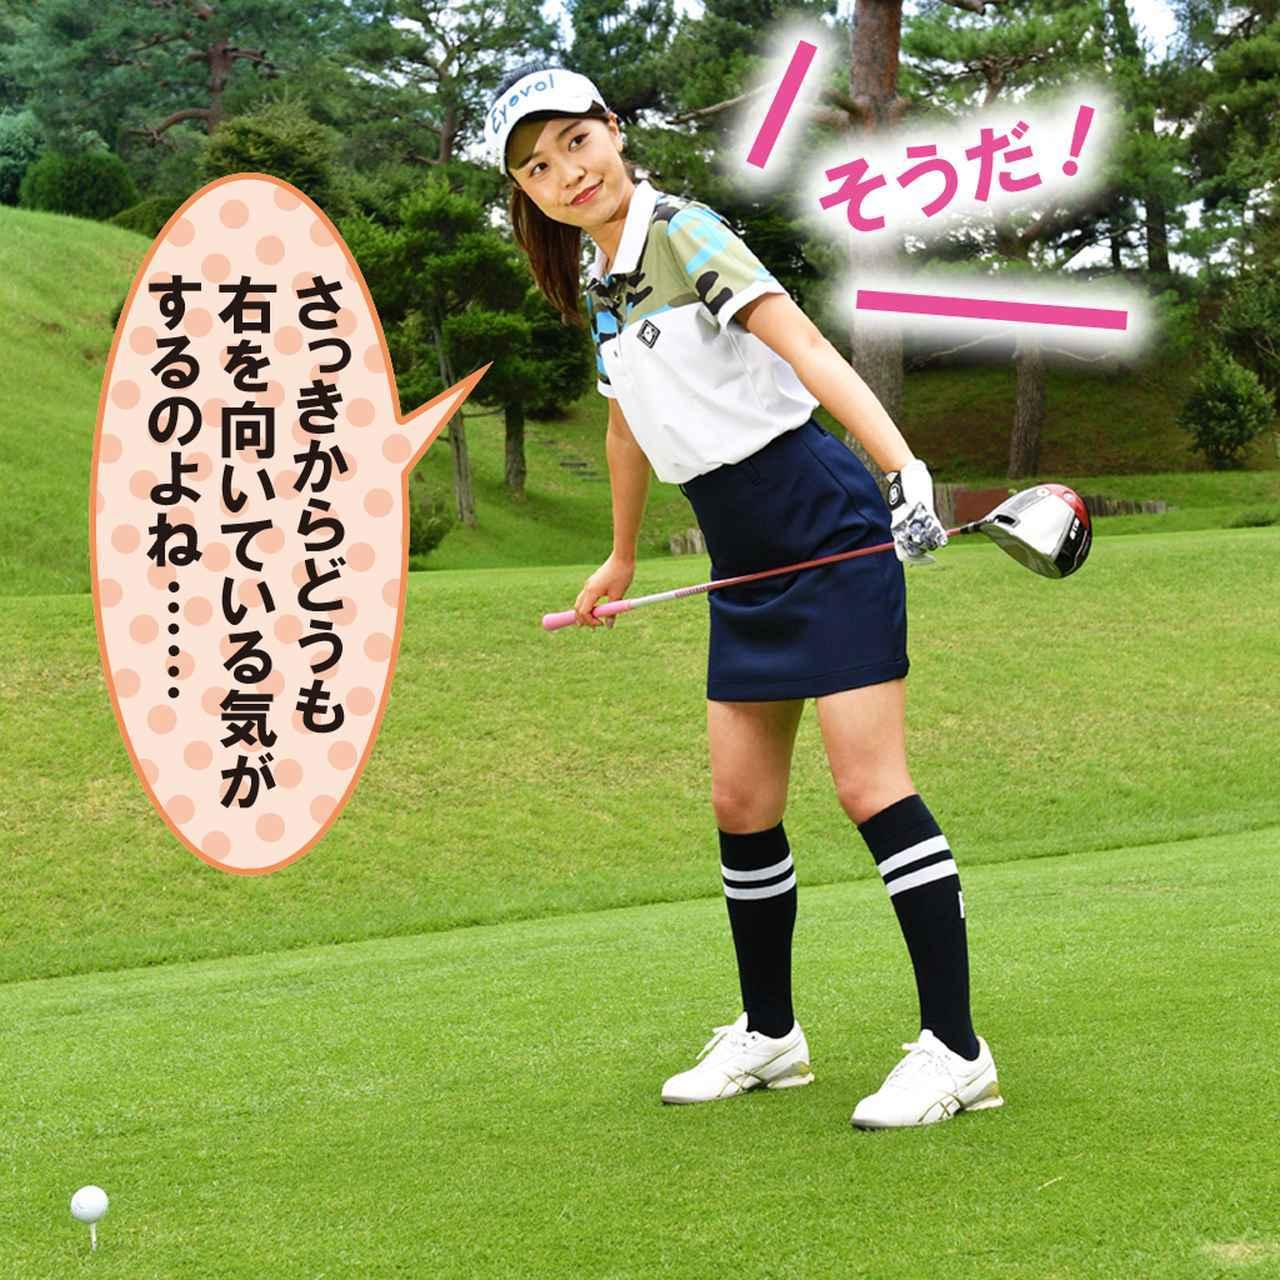 画像2: 【新ルール】クラブを置いてスタンスチェック、してもいい?